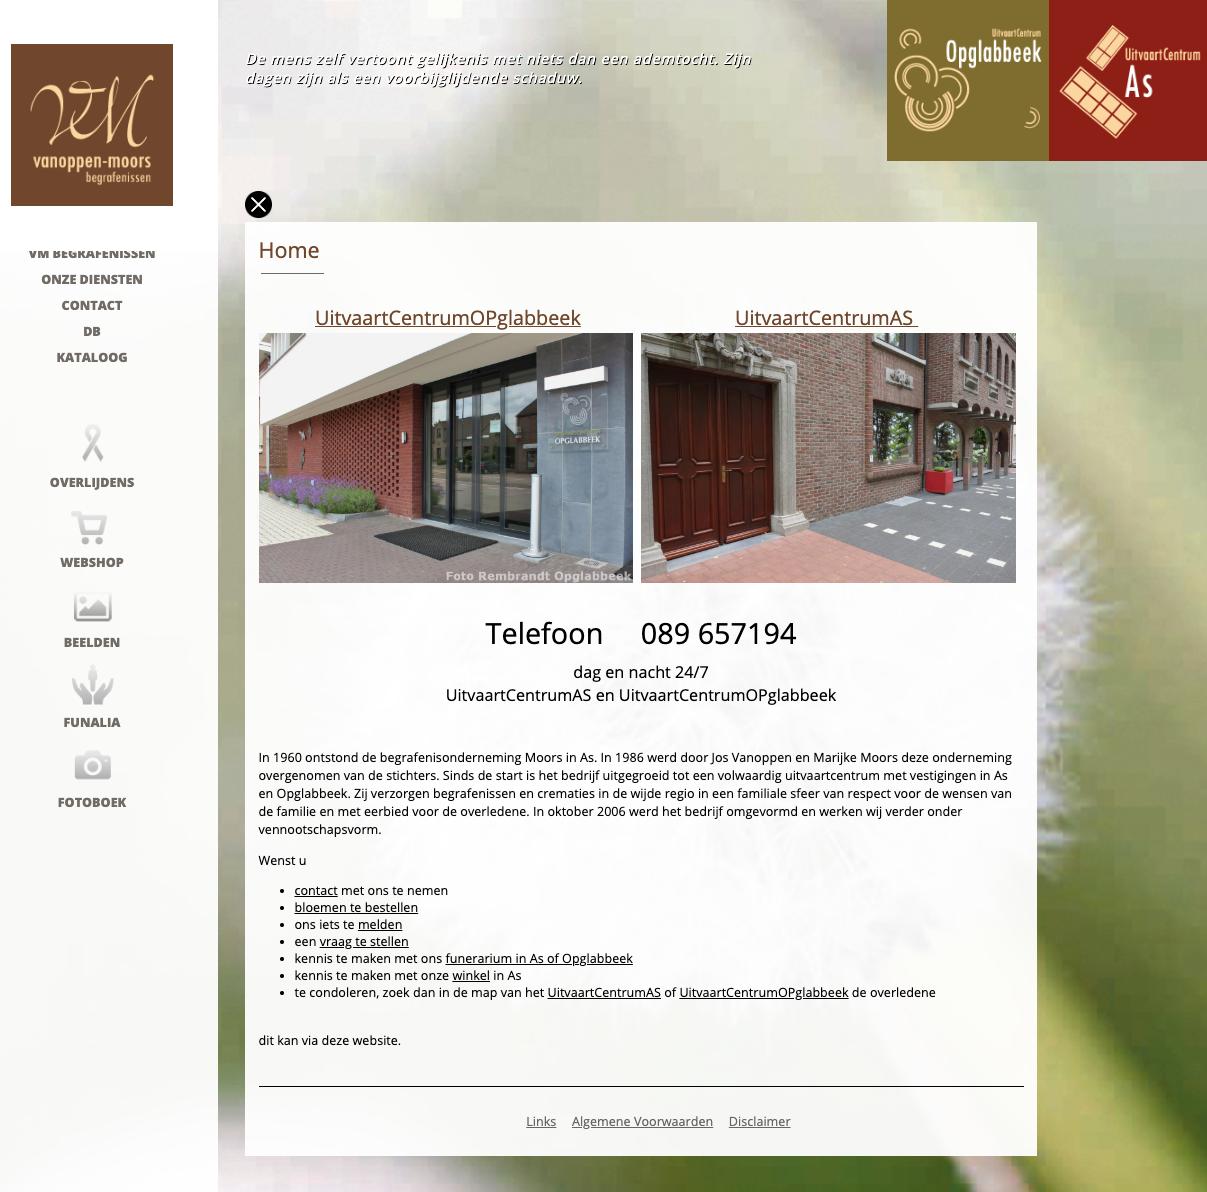 VM Begrafenissen homepage